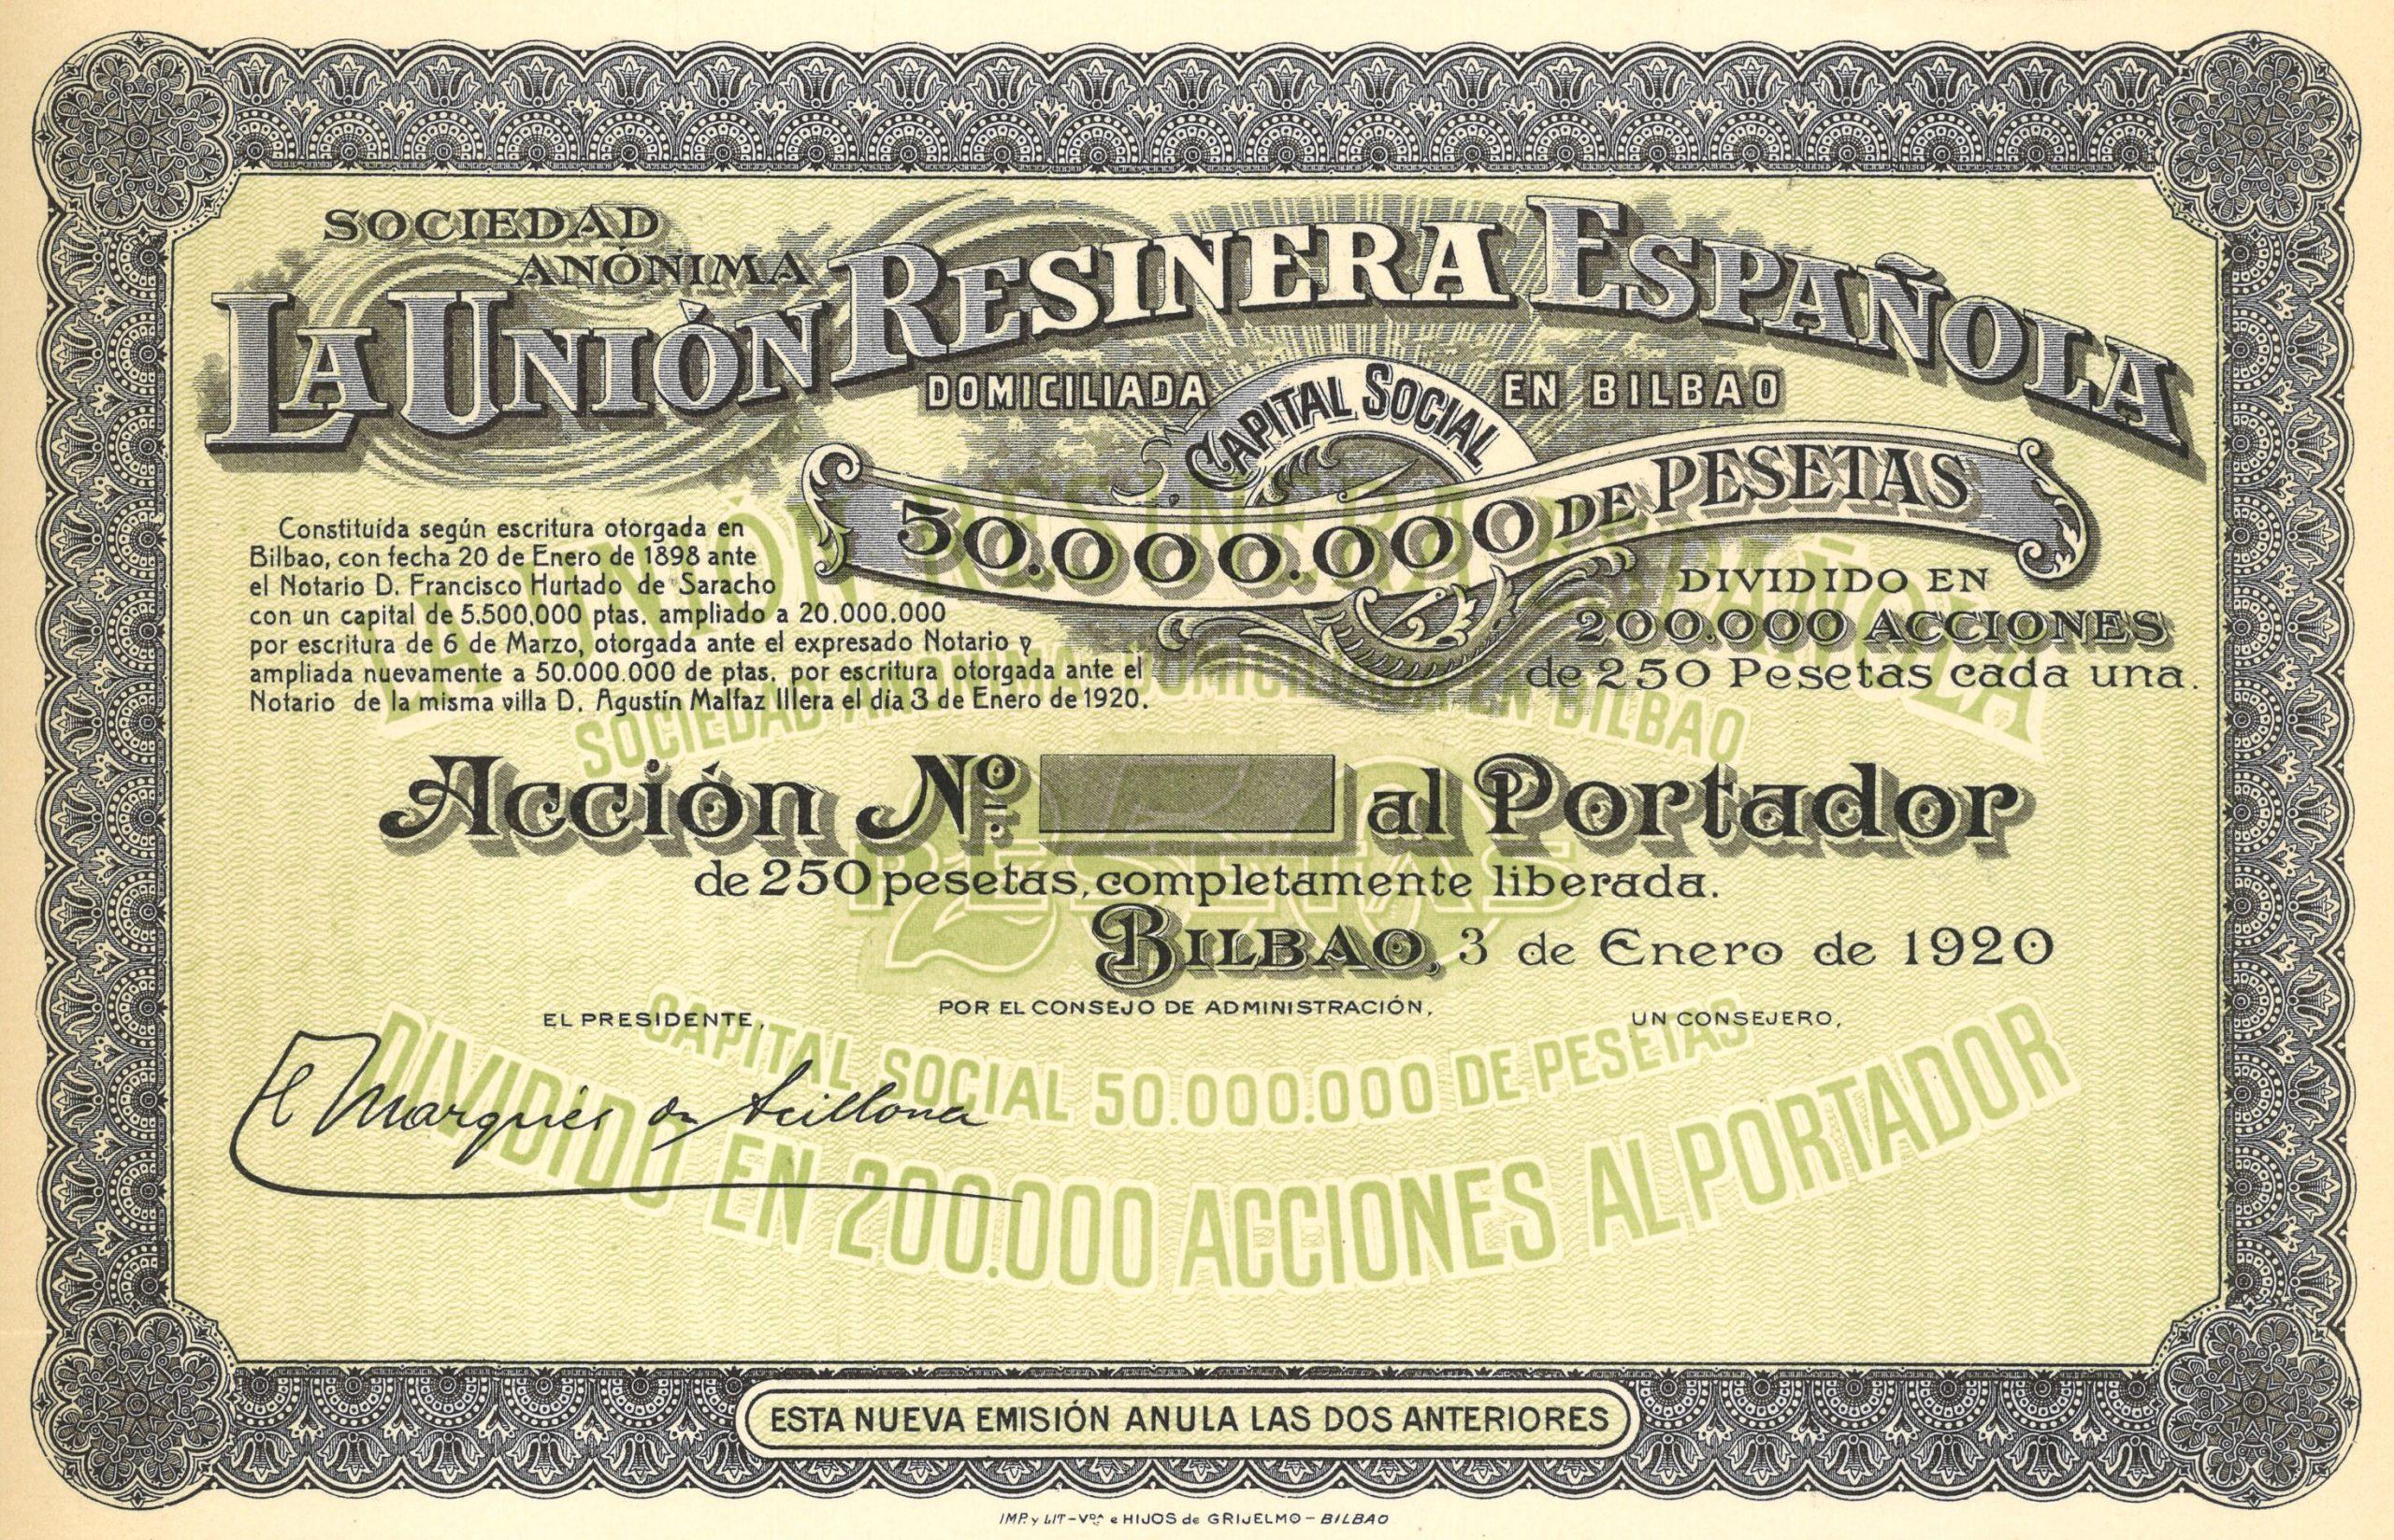 La Unión Resinera Española